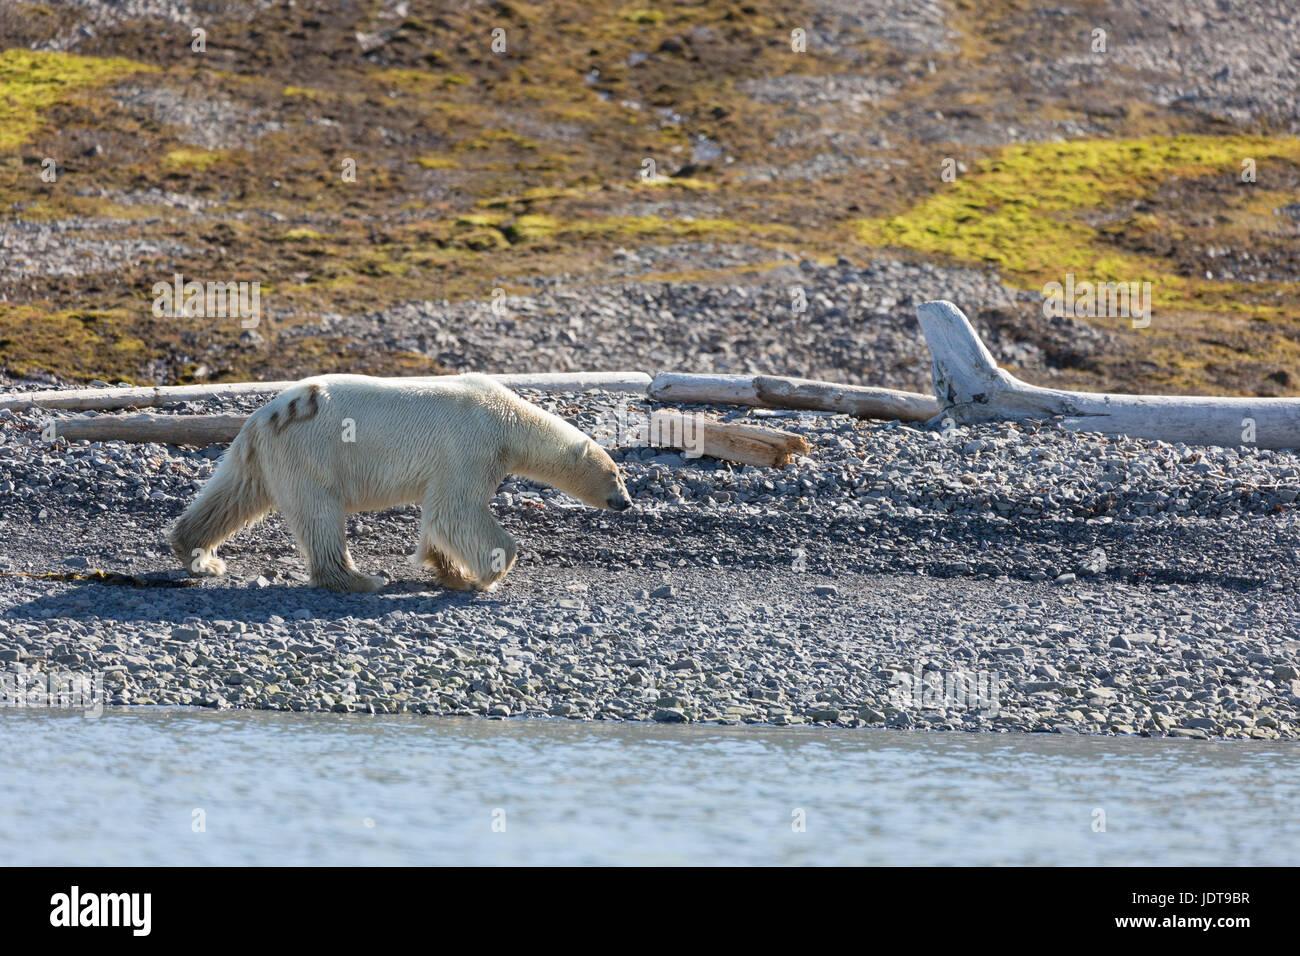 Un ours polaire adultes promenades le long de la plage de galets dans un Mushamna, Spitzberg Photo Stock